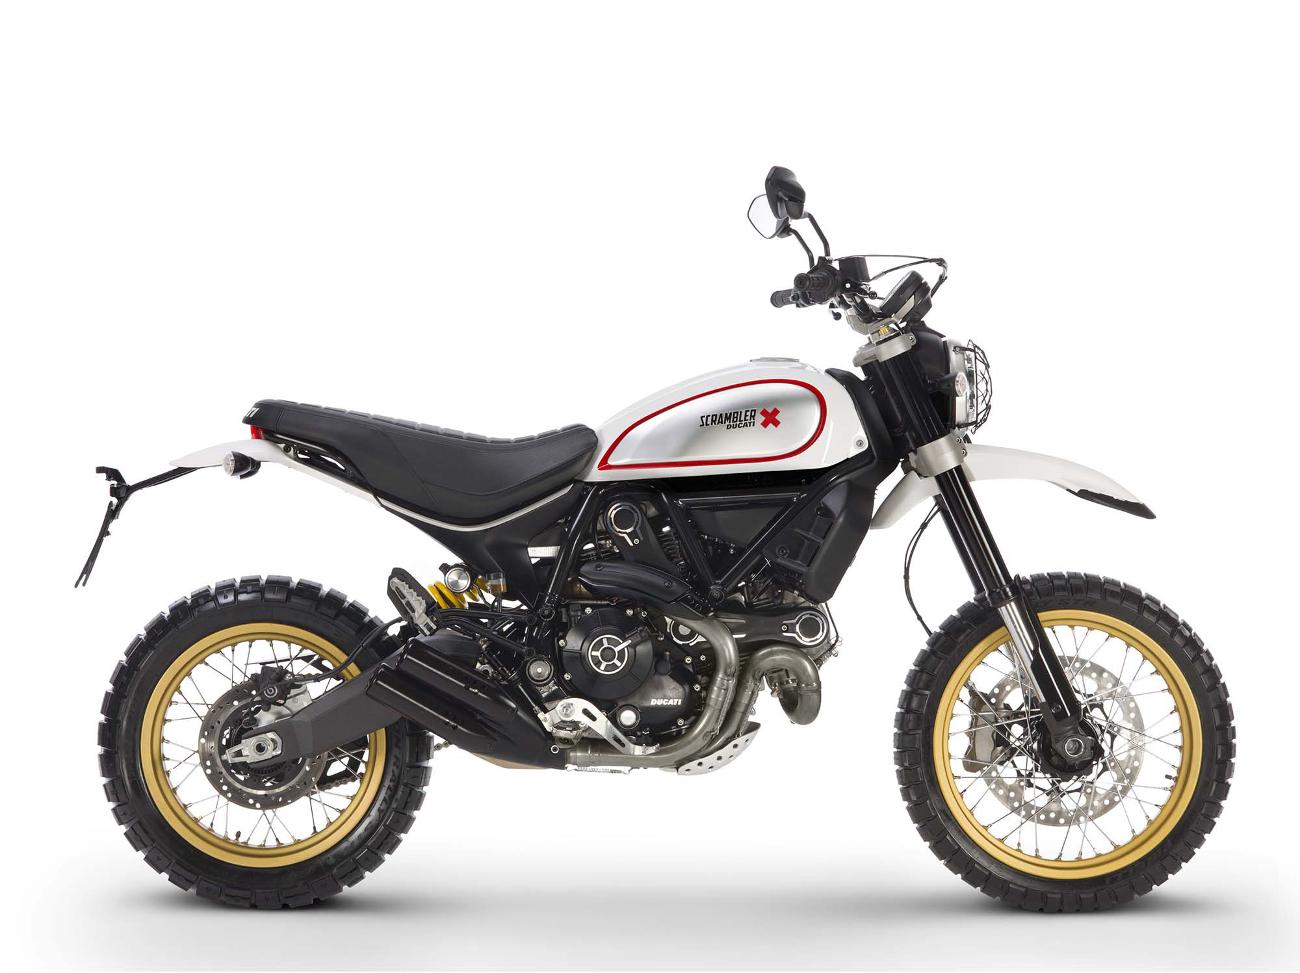 Ducati Scrambler Desert Sled-right-side | CustomBike